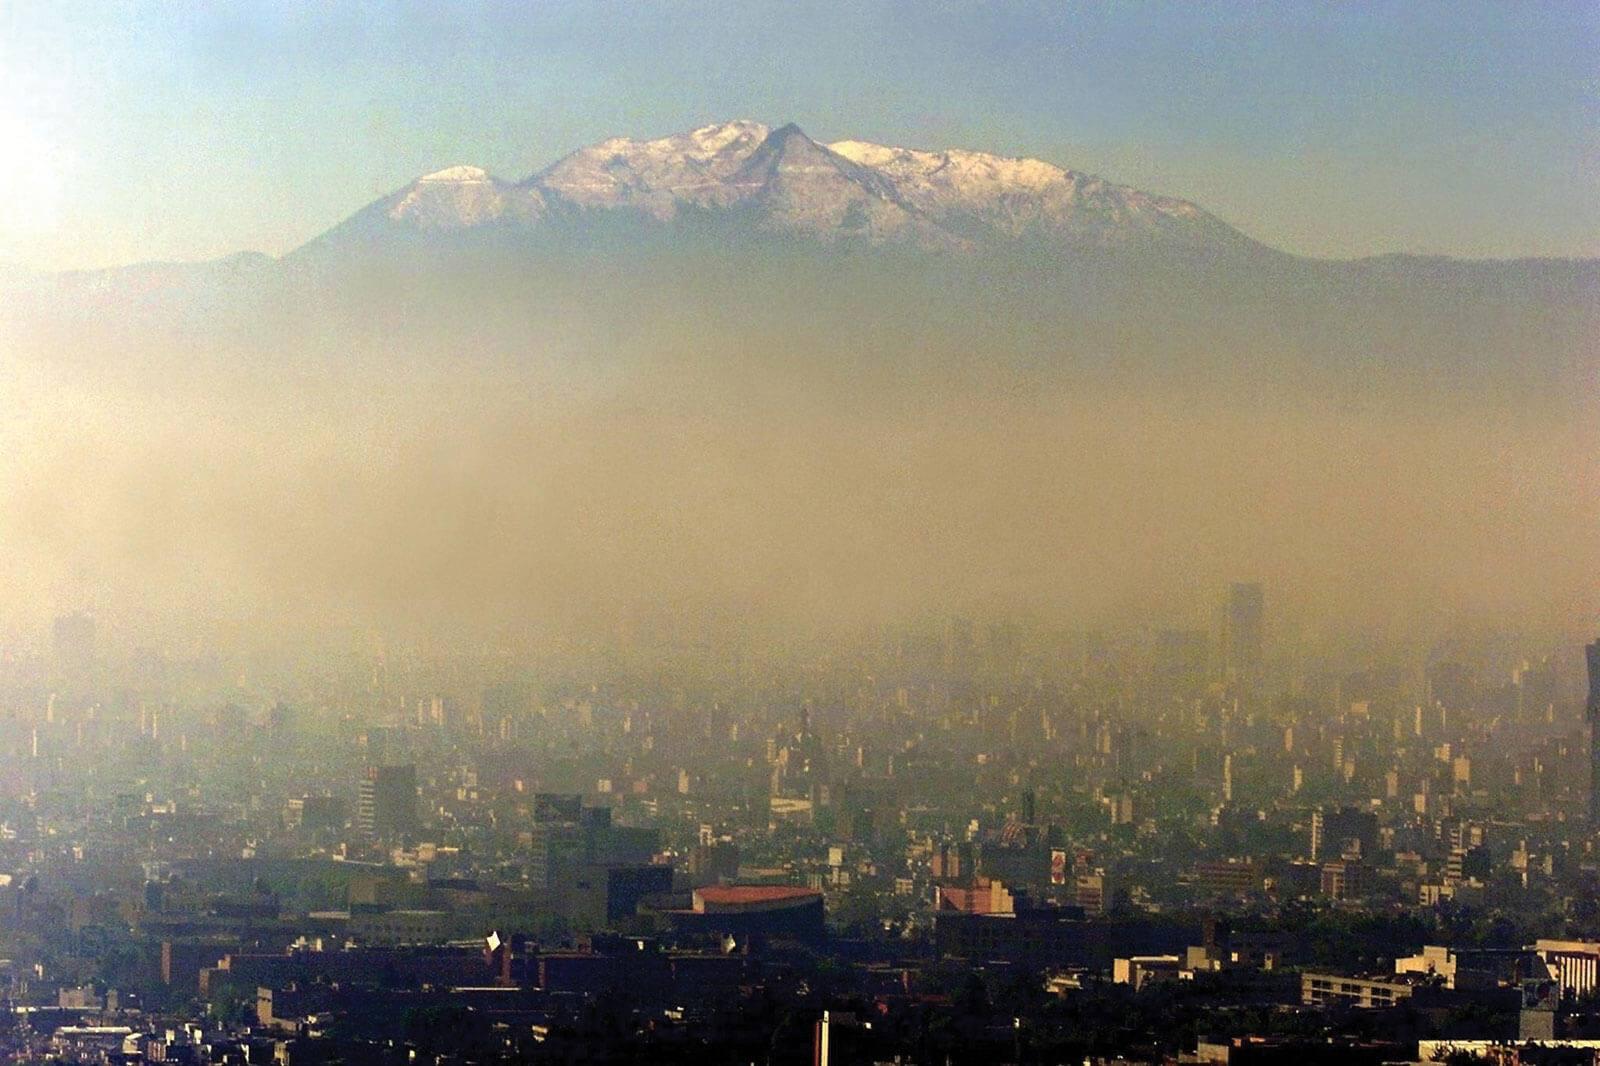 Panorámica de Ciudad de México. De fondo se ve el volcán  Iztaccíhuat y en primer plano las edificaciones de la ciudad. Cabe destacar la presencia de un gruesa capa de nubosidad contaminante entre el volcán y las edificaciones.